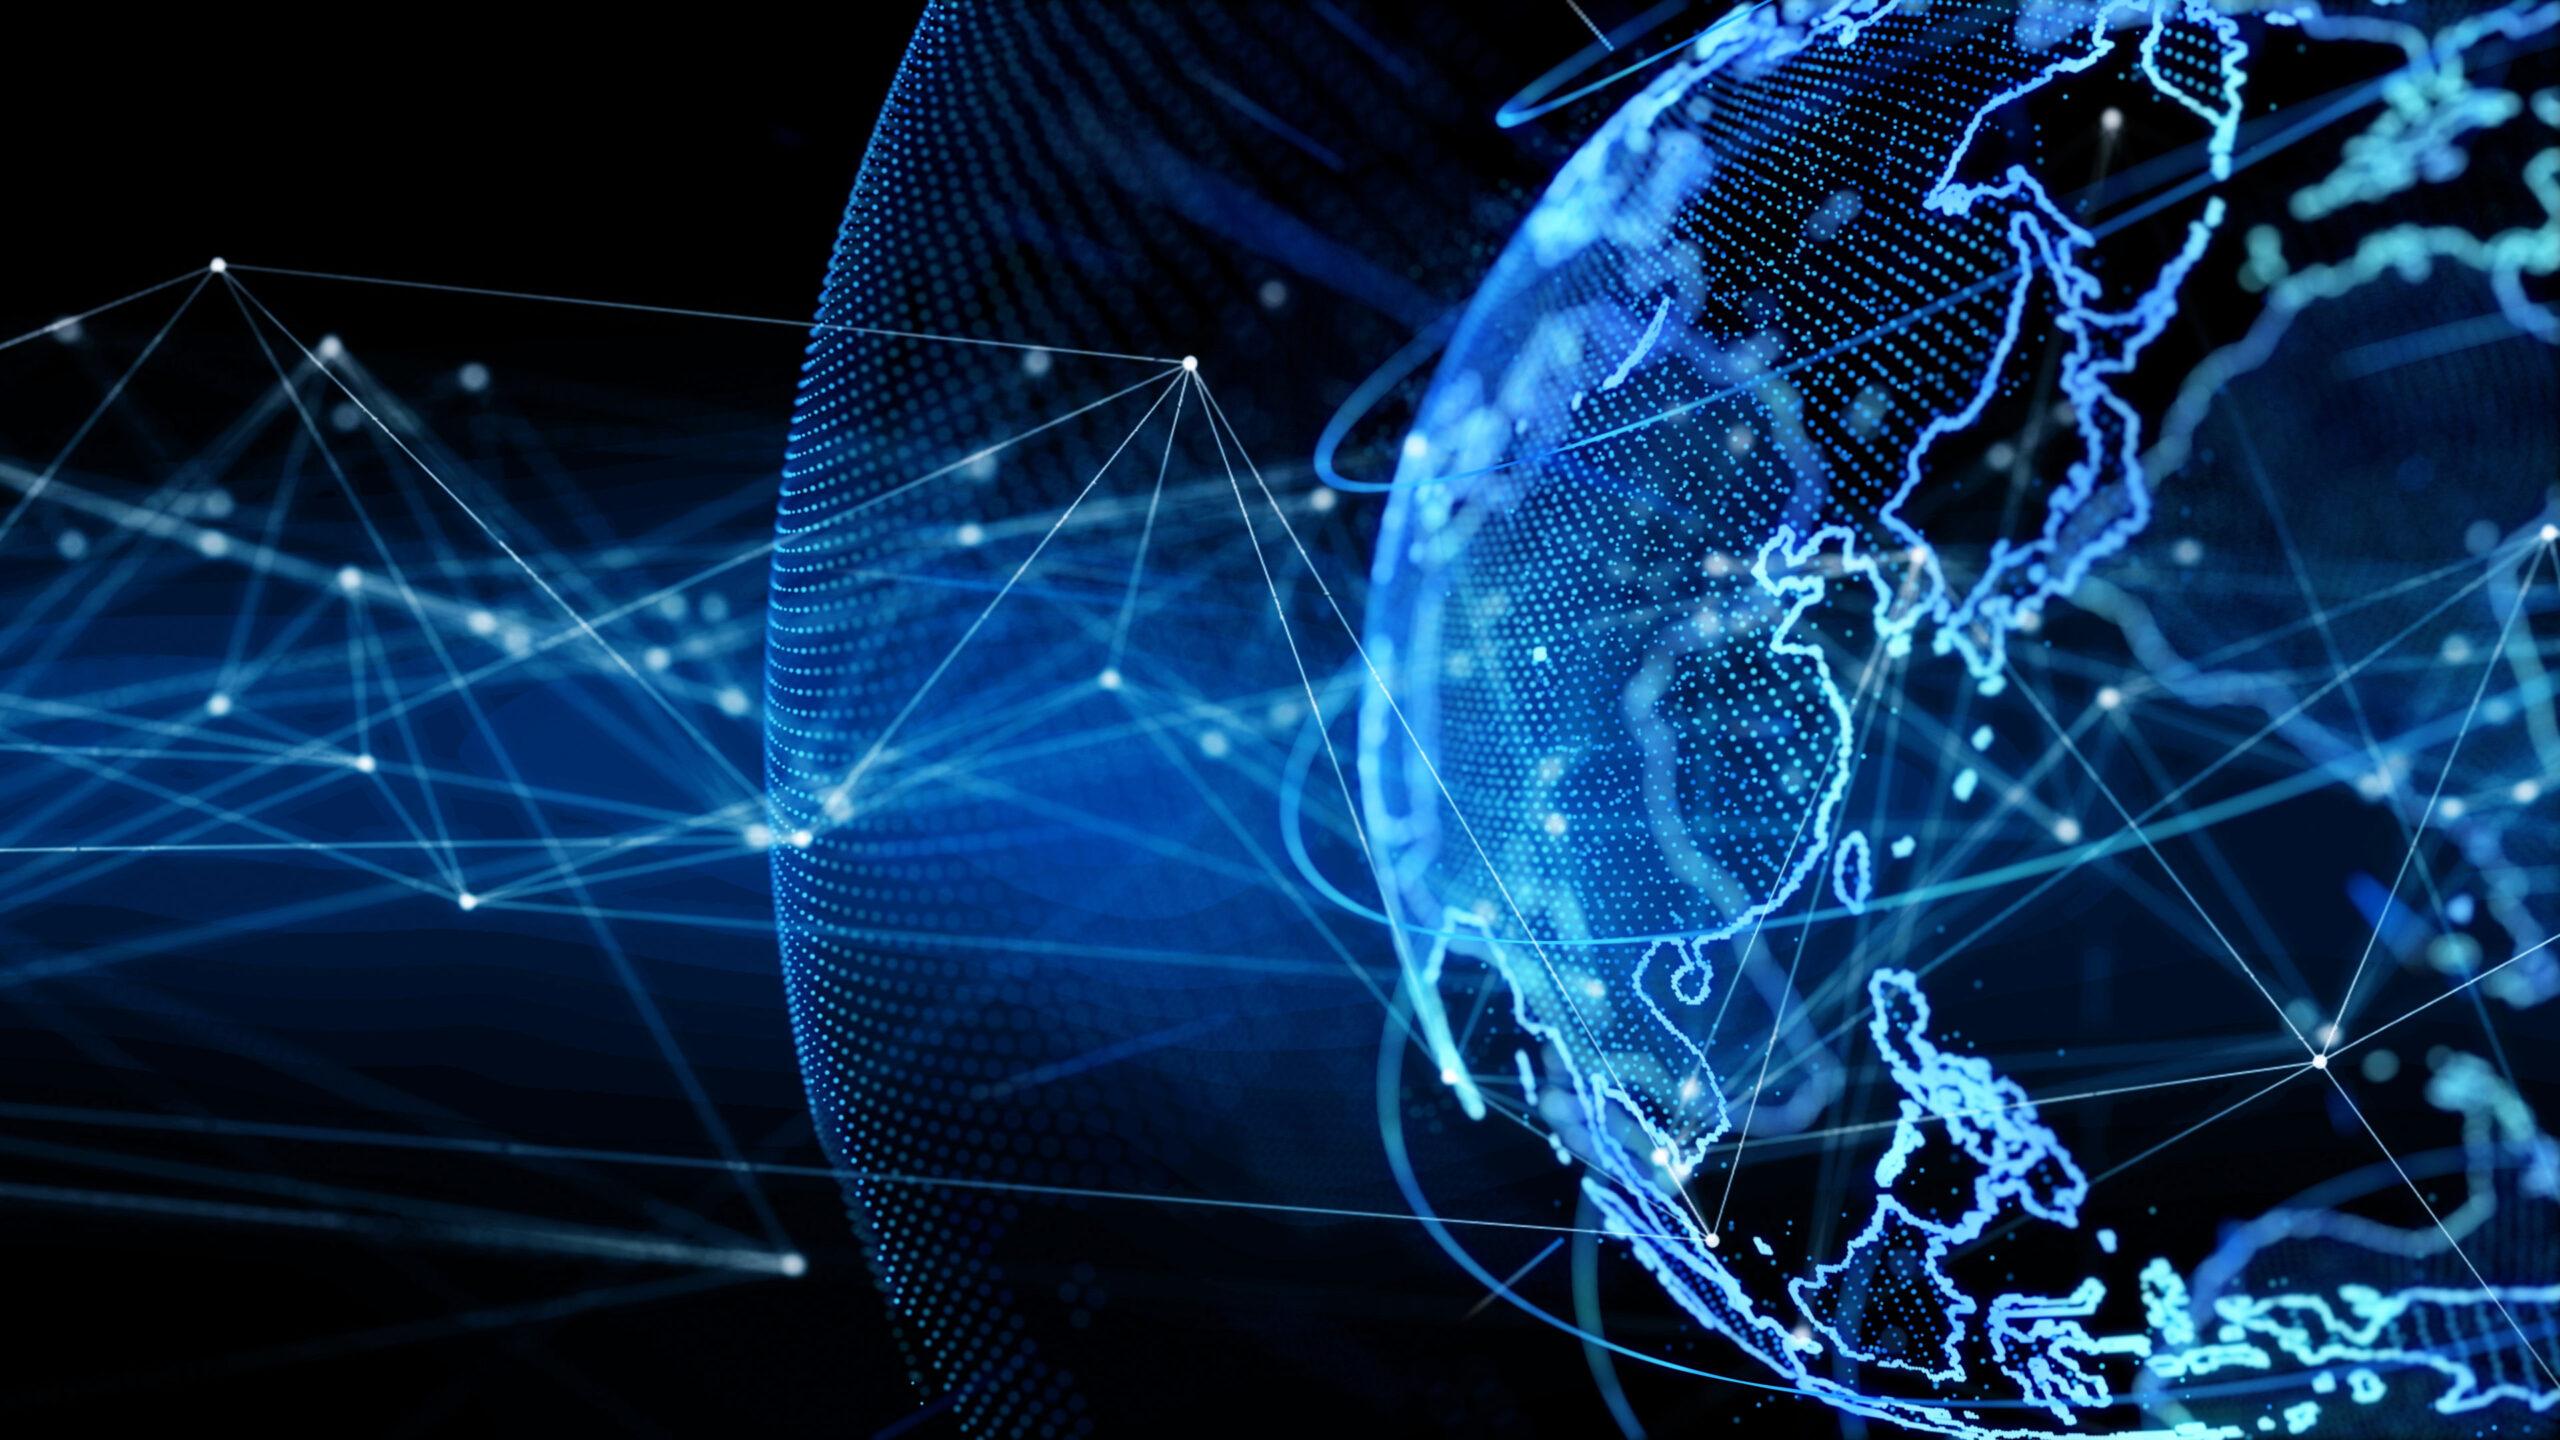 Netz mit Verantwortung und die Bedeutung digitaler Souveränität